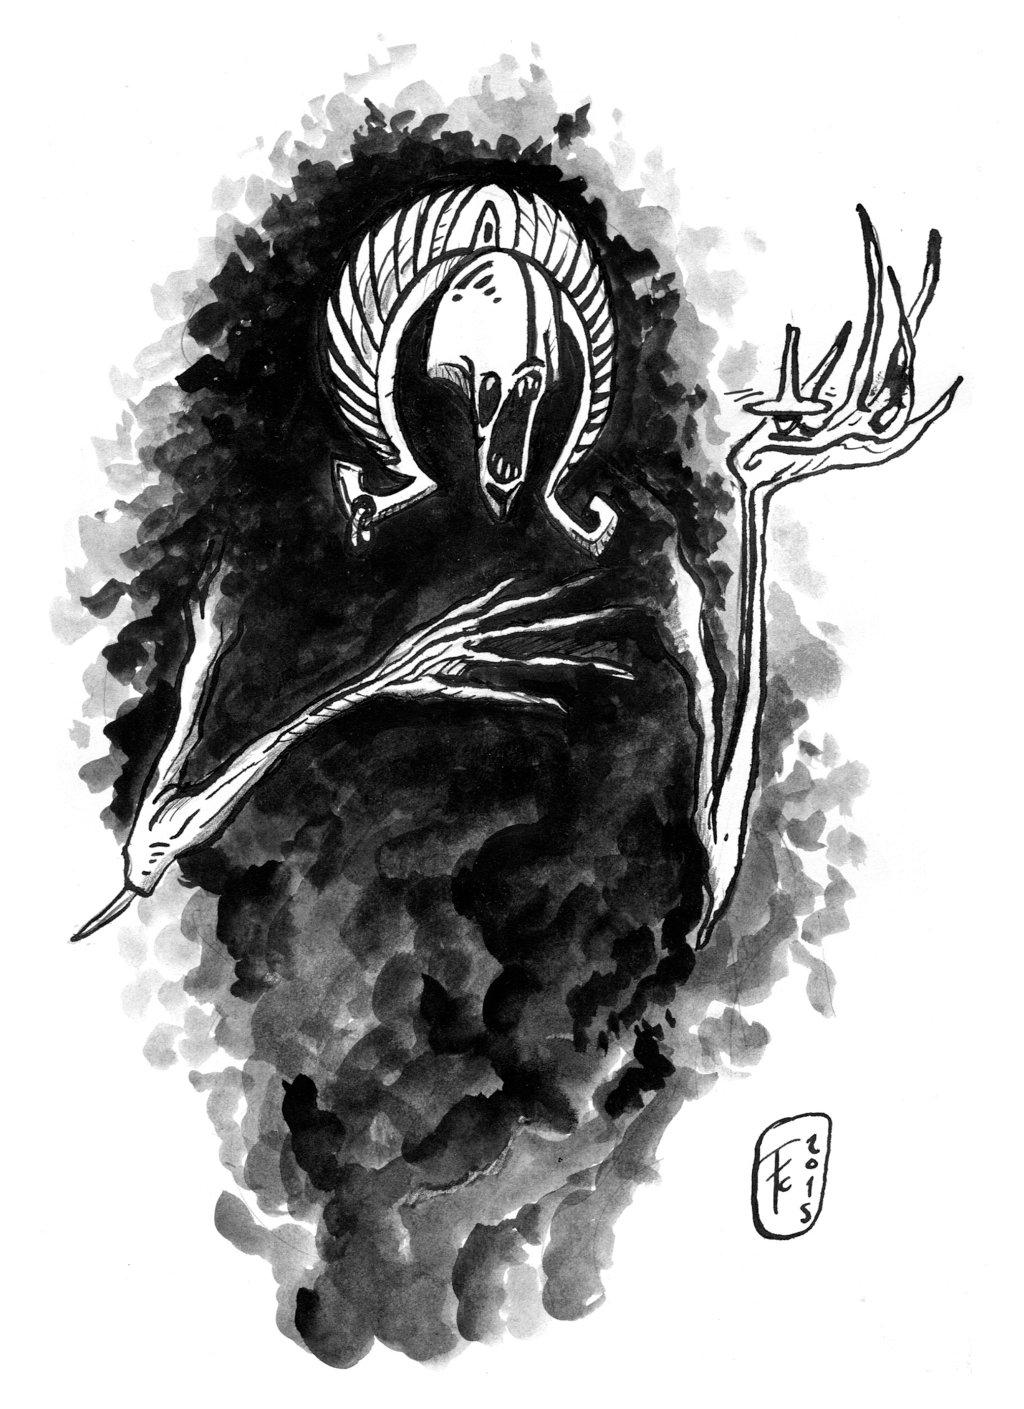 """clone-artist """"Visage"""", i servitori non-morti di Tu-Sai-Chi - by clone-artist (Filip C.) clone-artist.deviantart.com (2015) © dell'autore tutti i diritti riservati"""